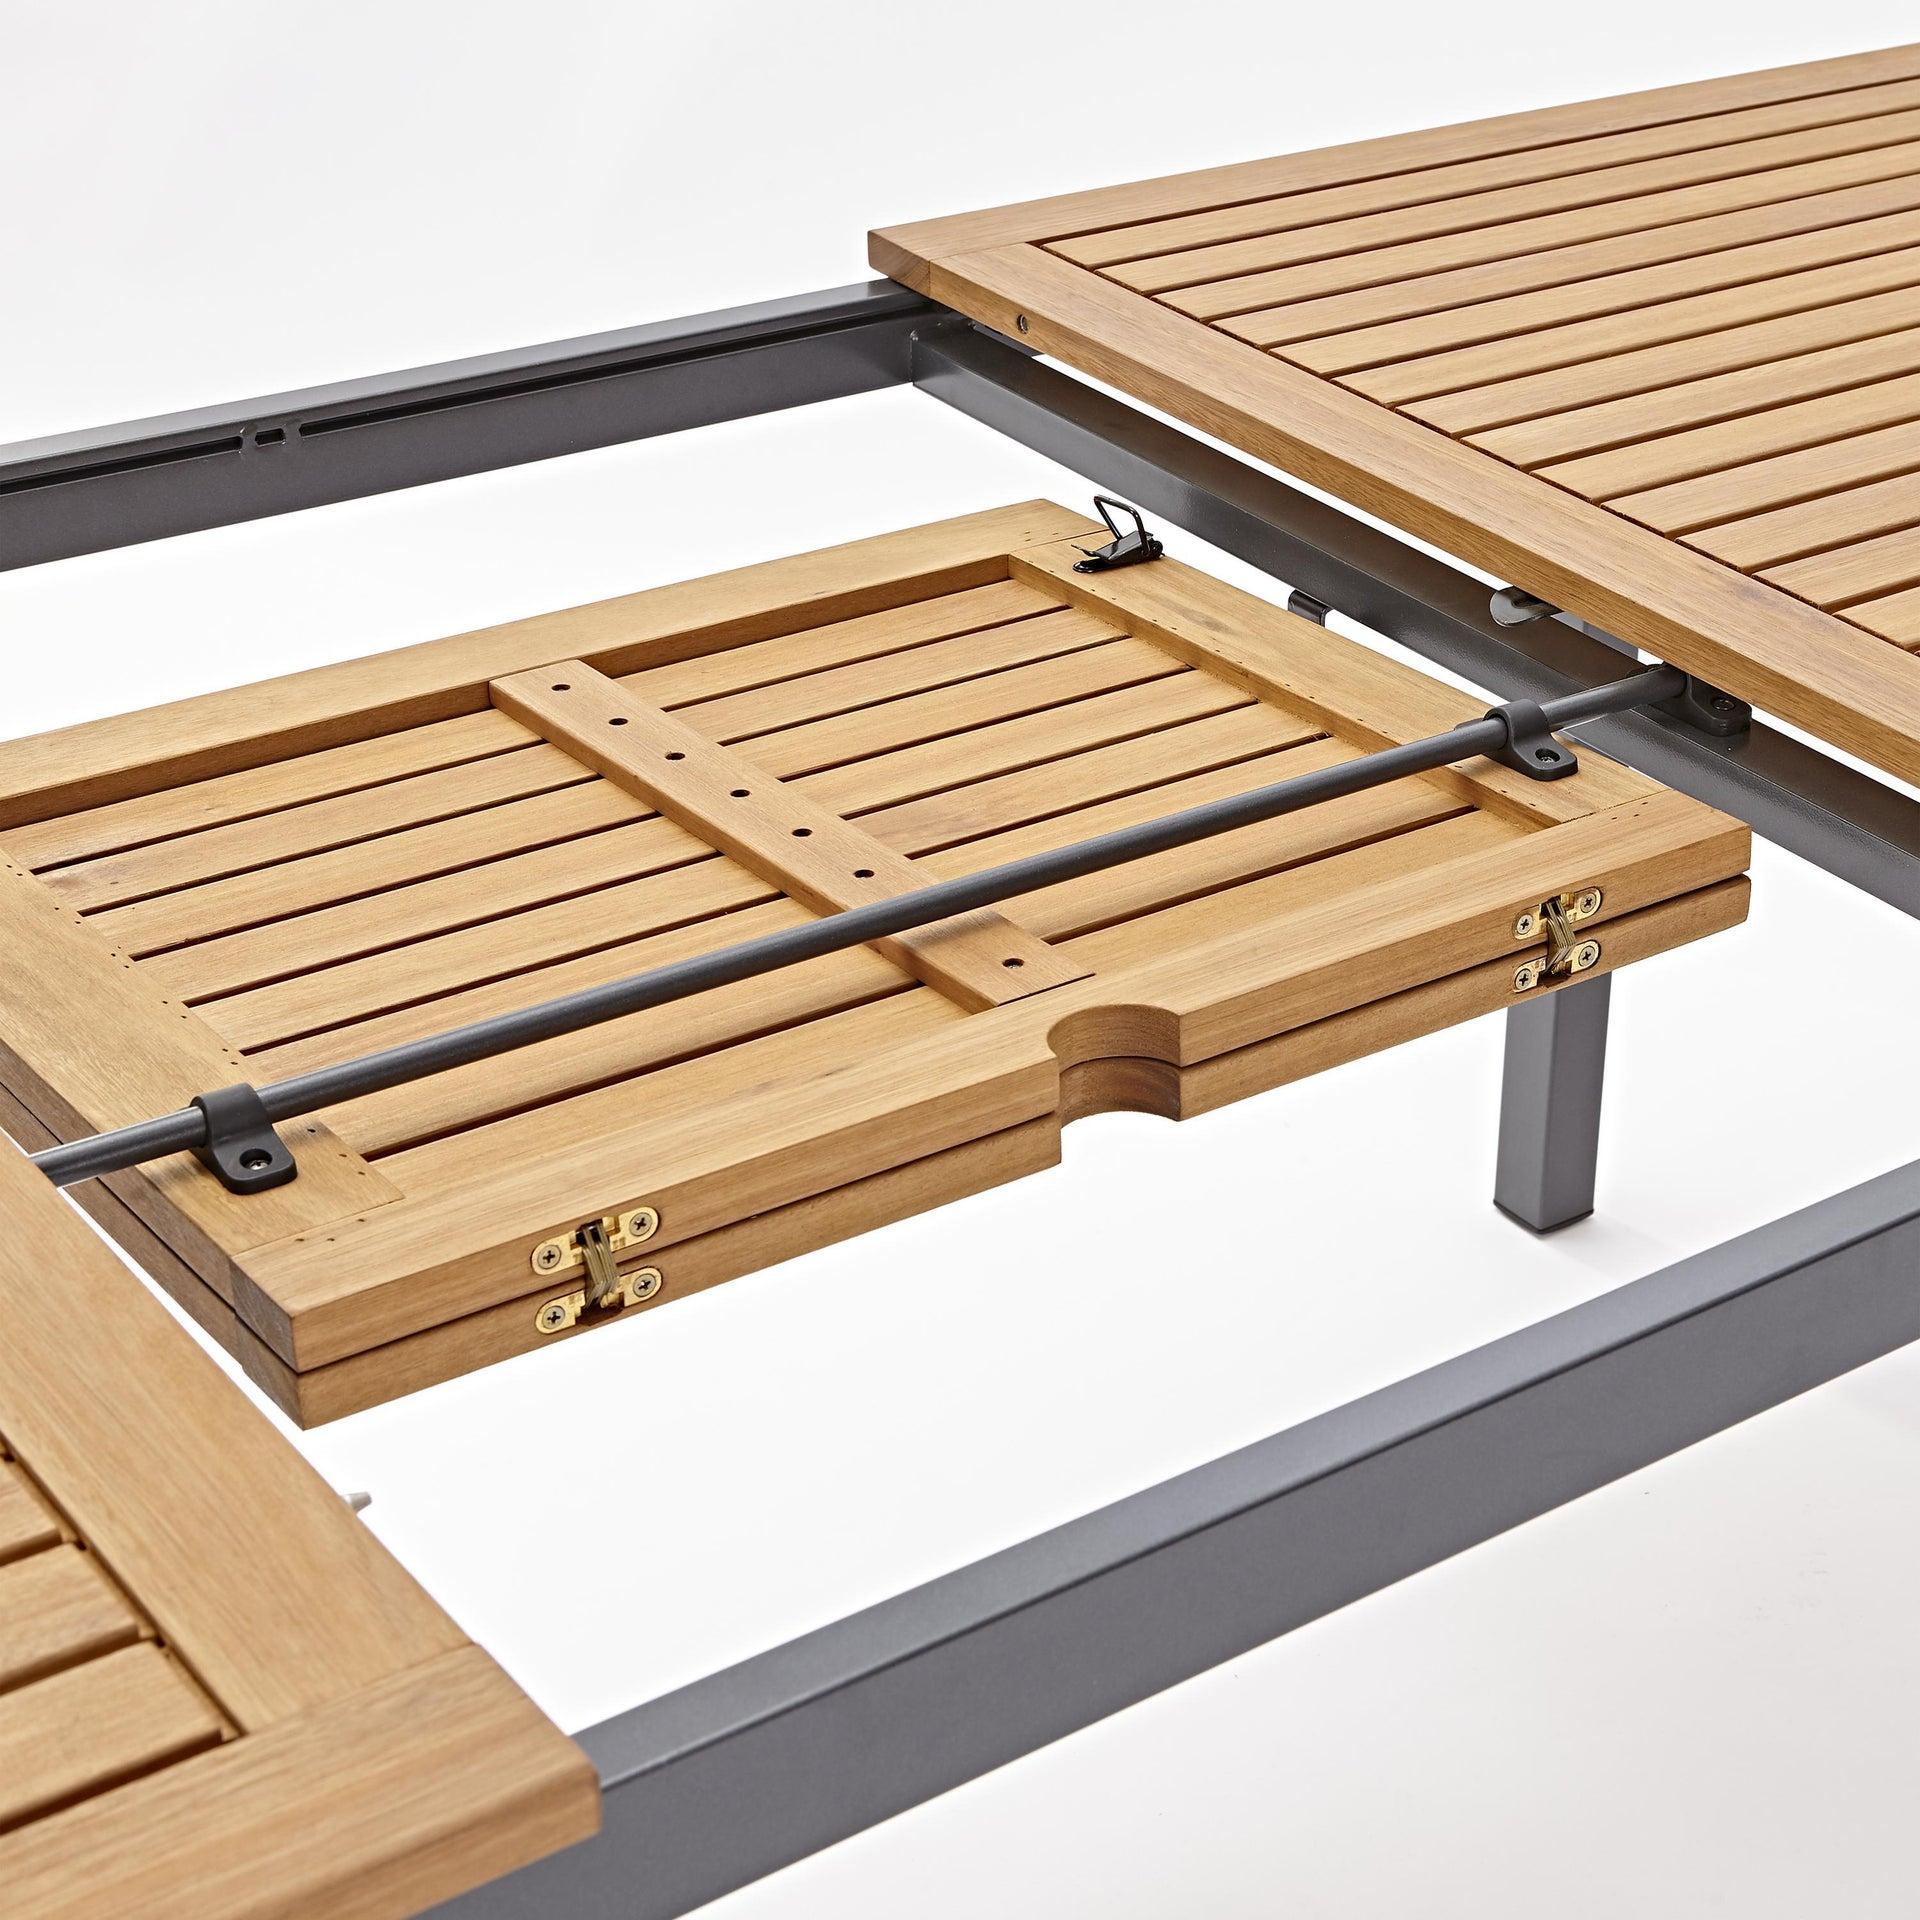 Tavolo da giardino allungabile rettangolare Oris NATERIAL con piano in legno L 180/240 x P 98.9 cm - 16